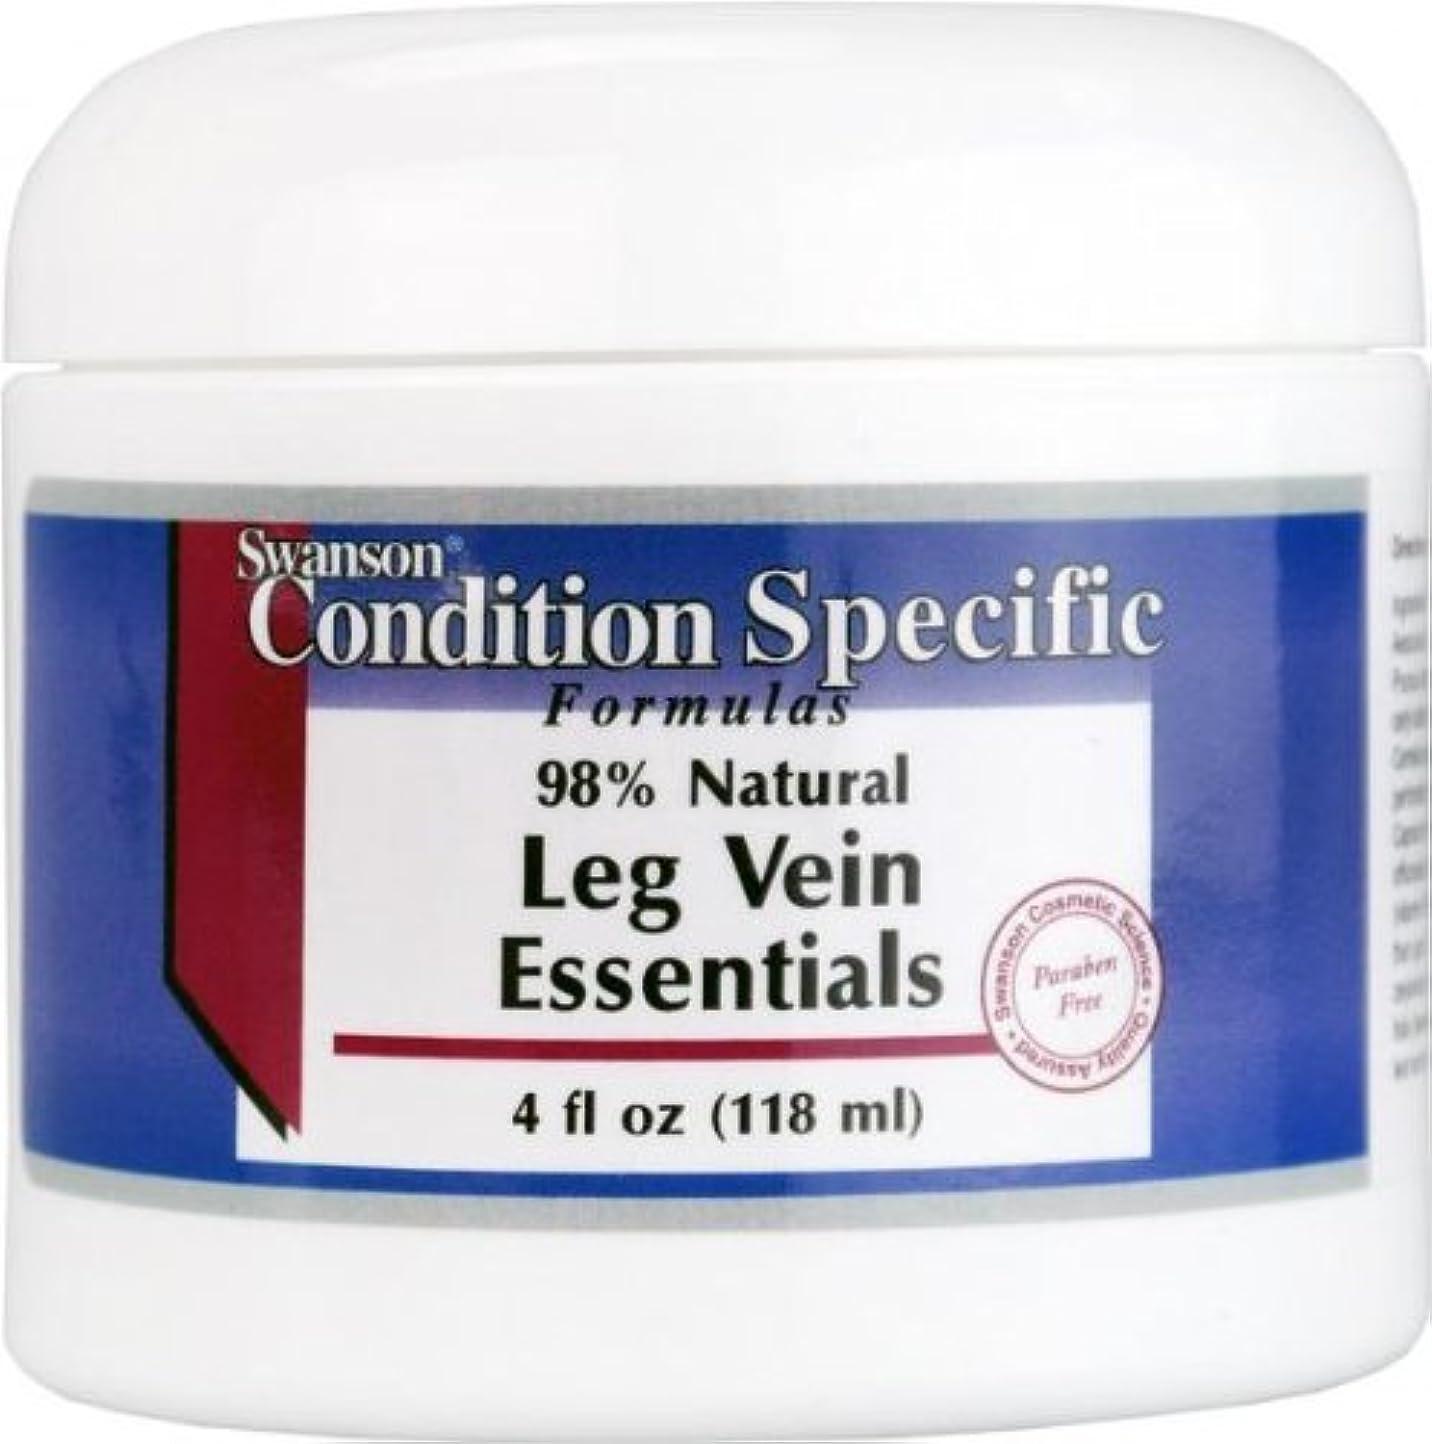 主要な限られたグレートバリアリーフSwanson 98%ナチュラル?レッグベインエッセンシャル LegVein Essentials Cream 118ml 【海外直送品】